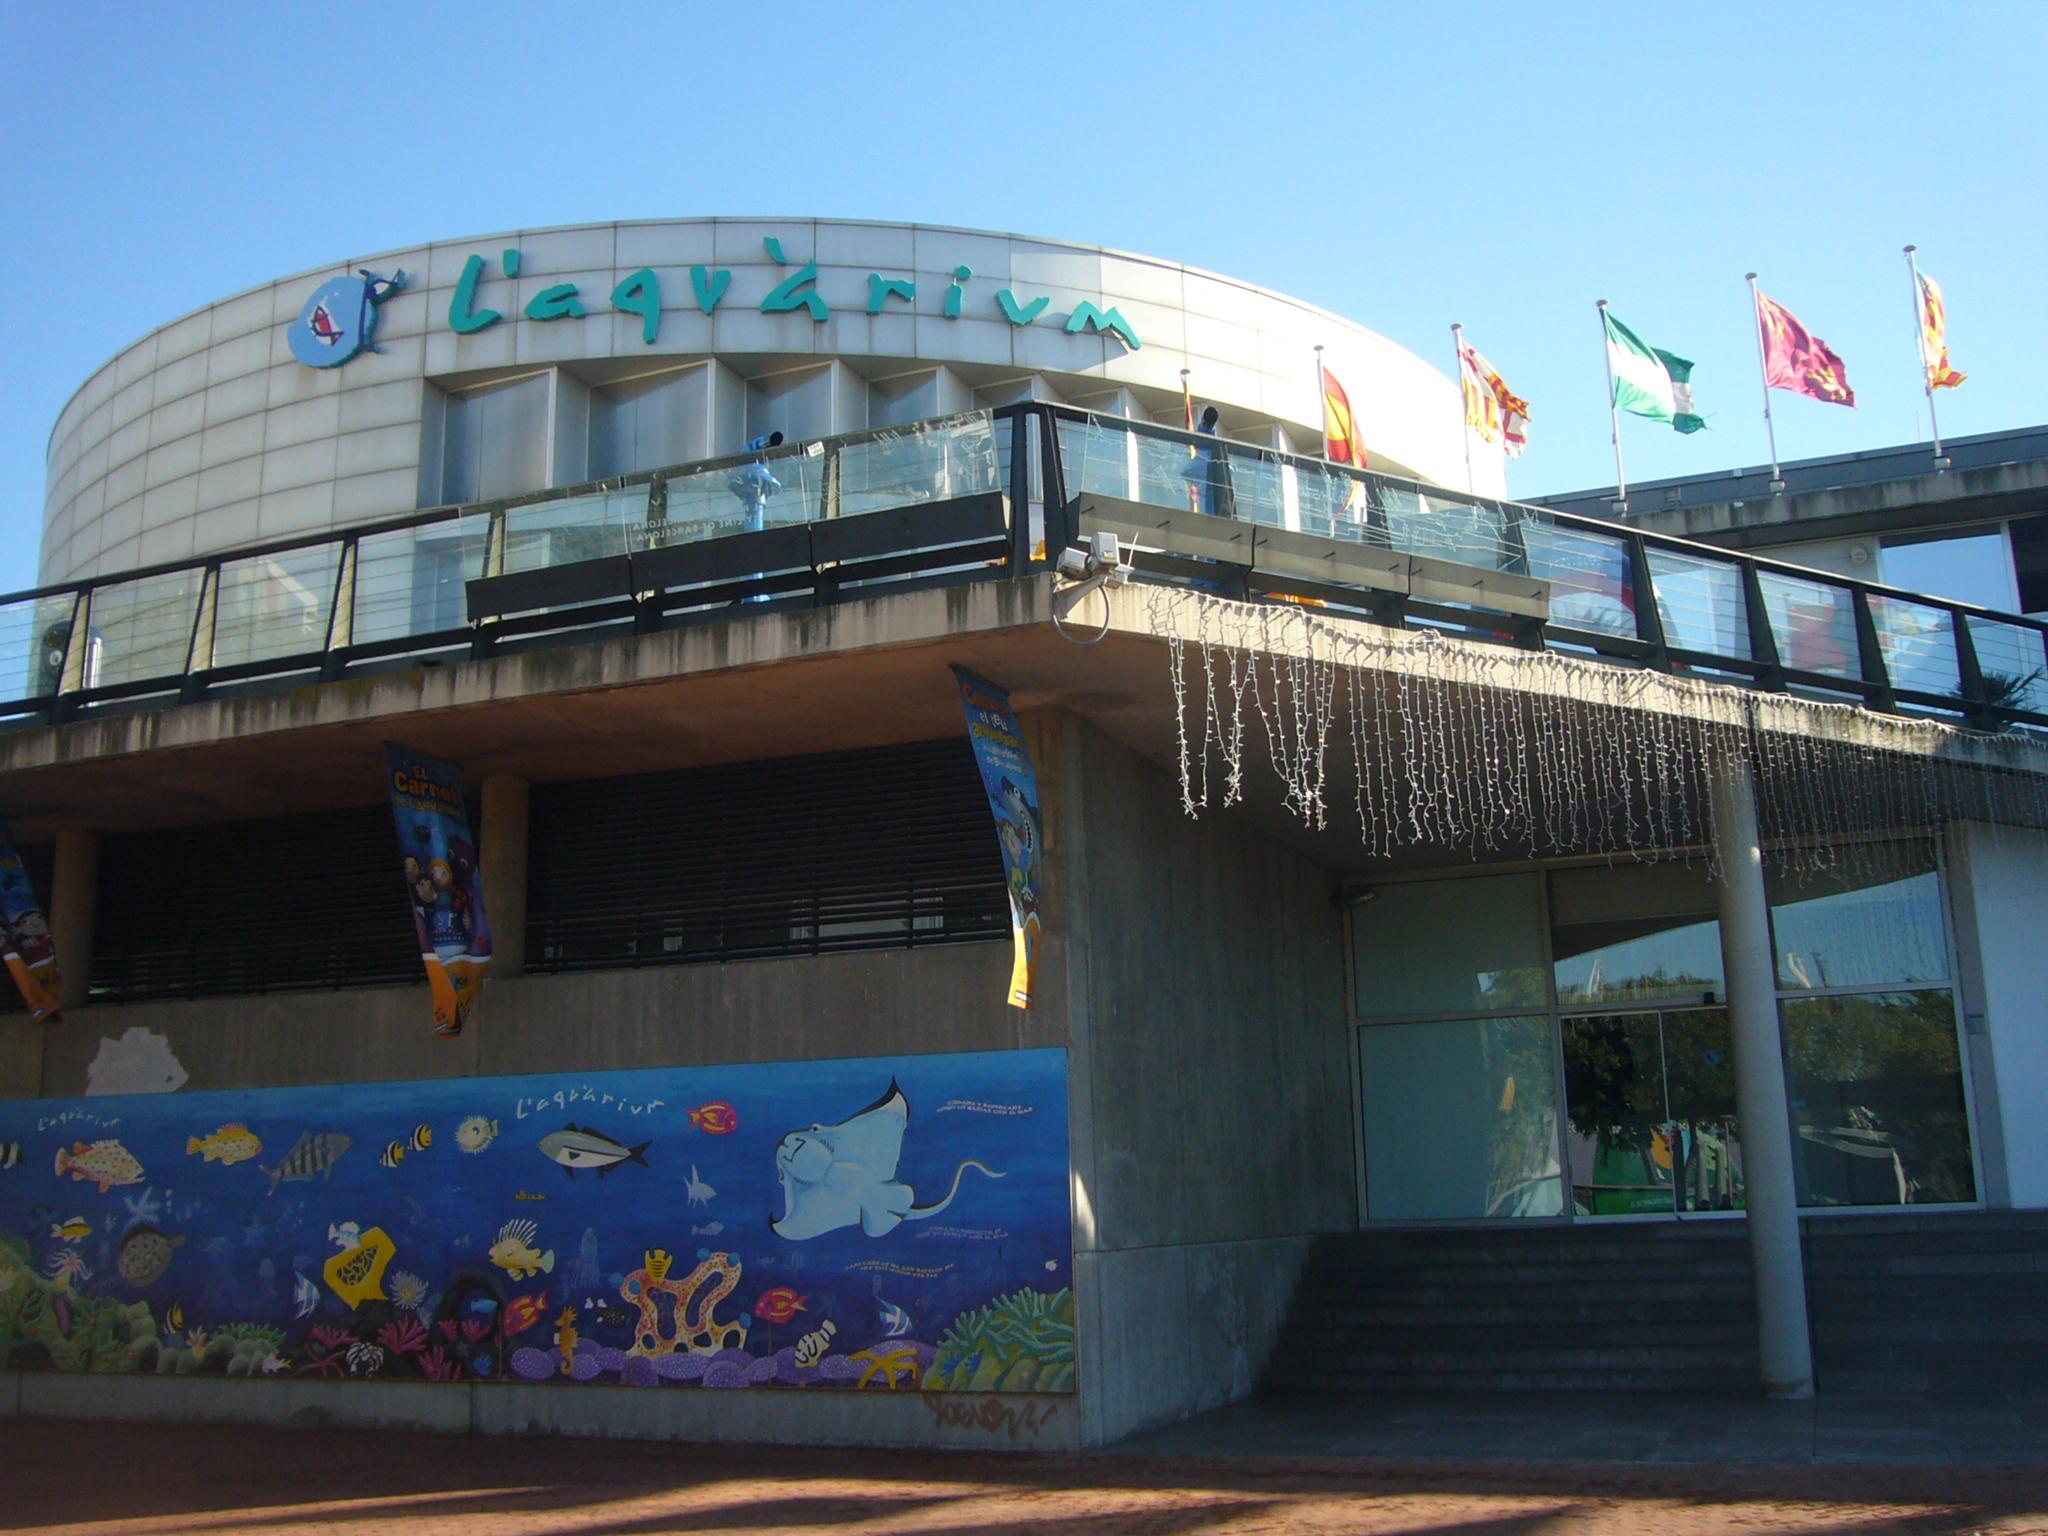 Fotos del acuario de georgia 63